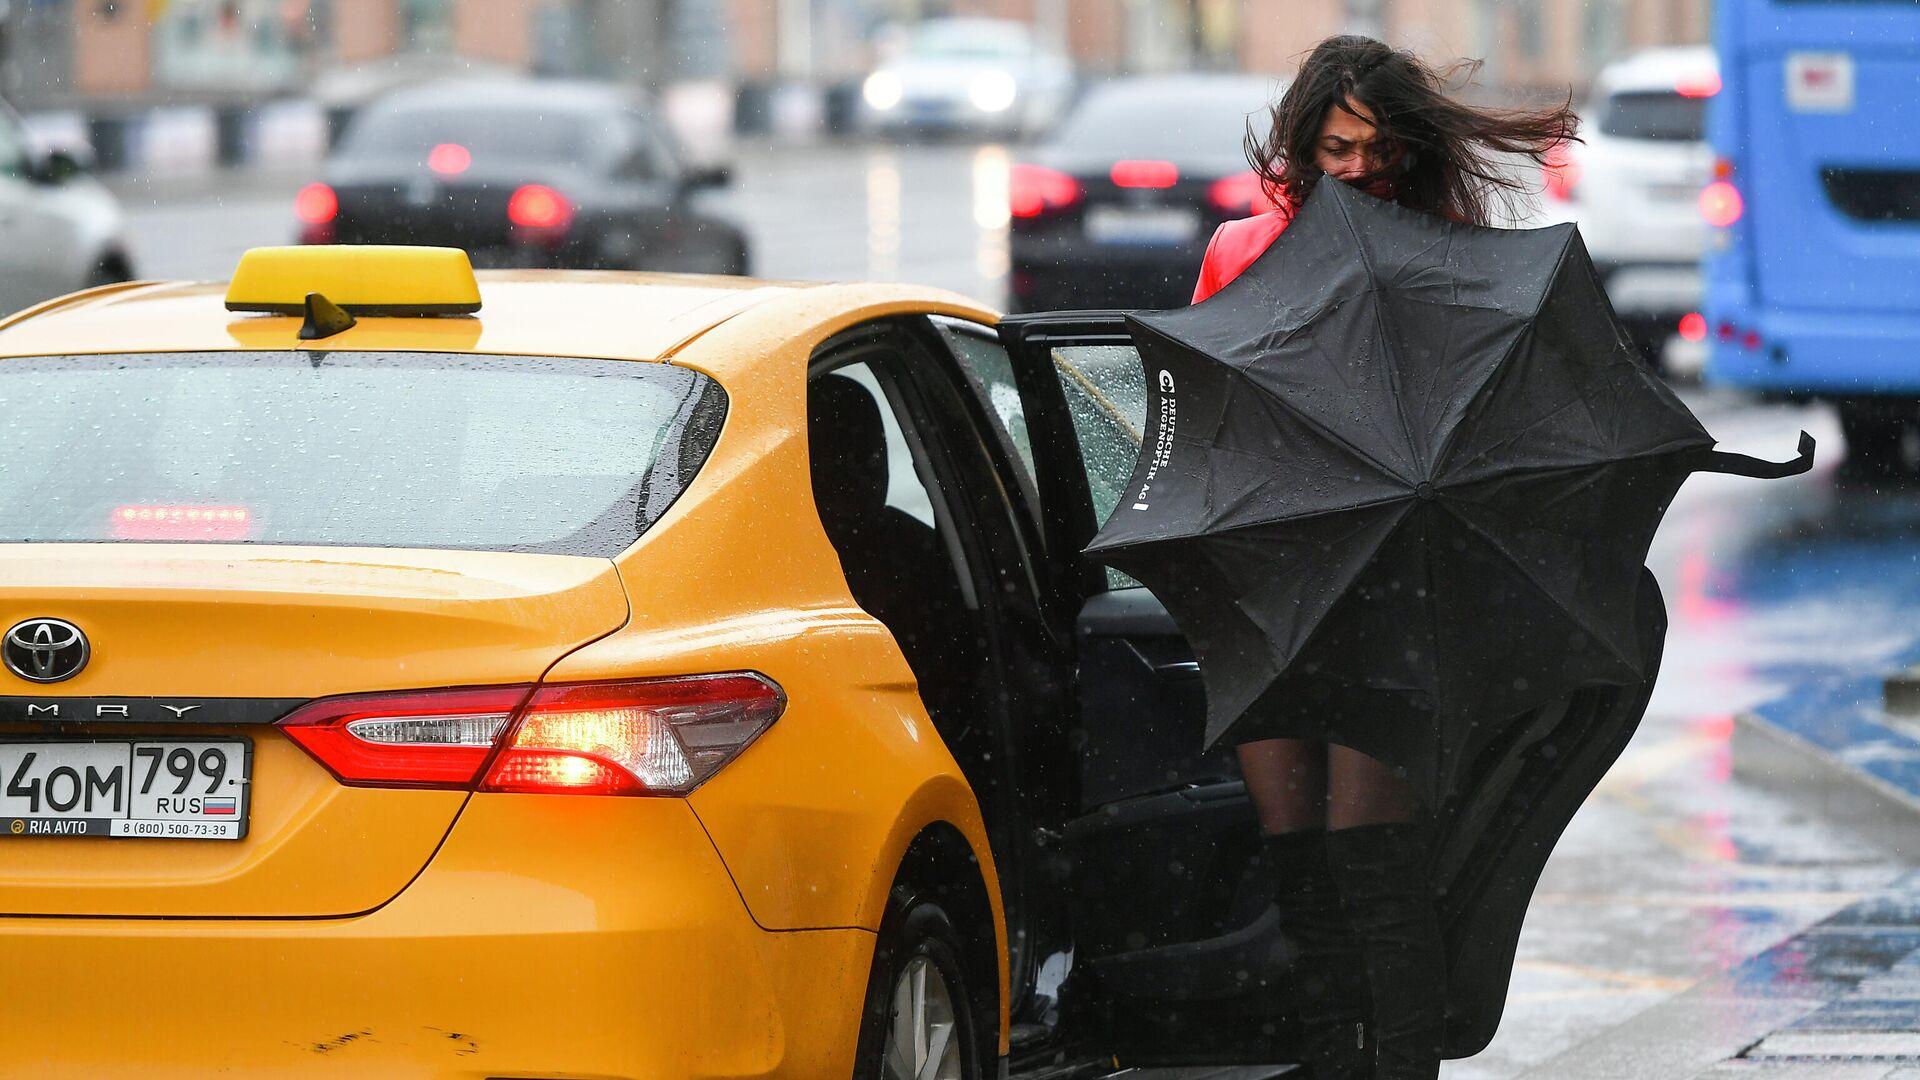 Девушка садится в такси во время дождя в Москве - РИА Новости, 1920, 07.02.2021